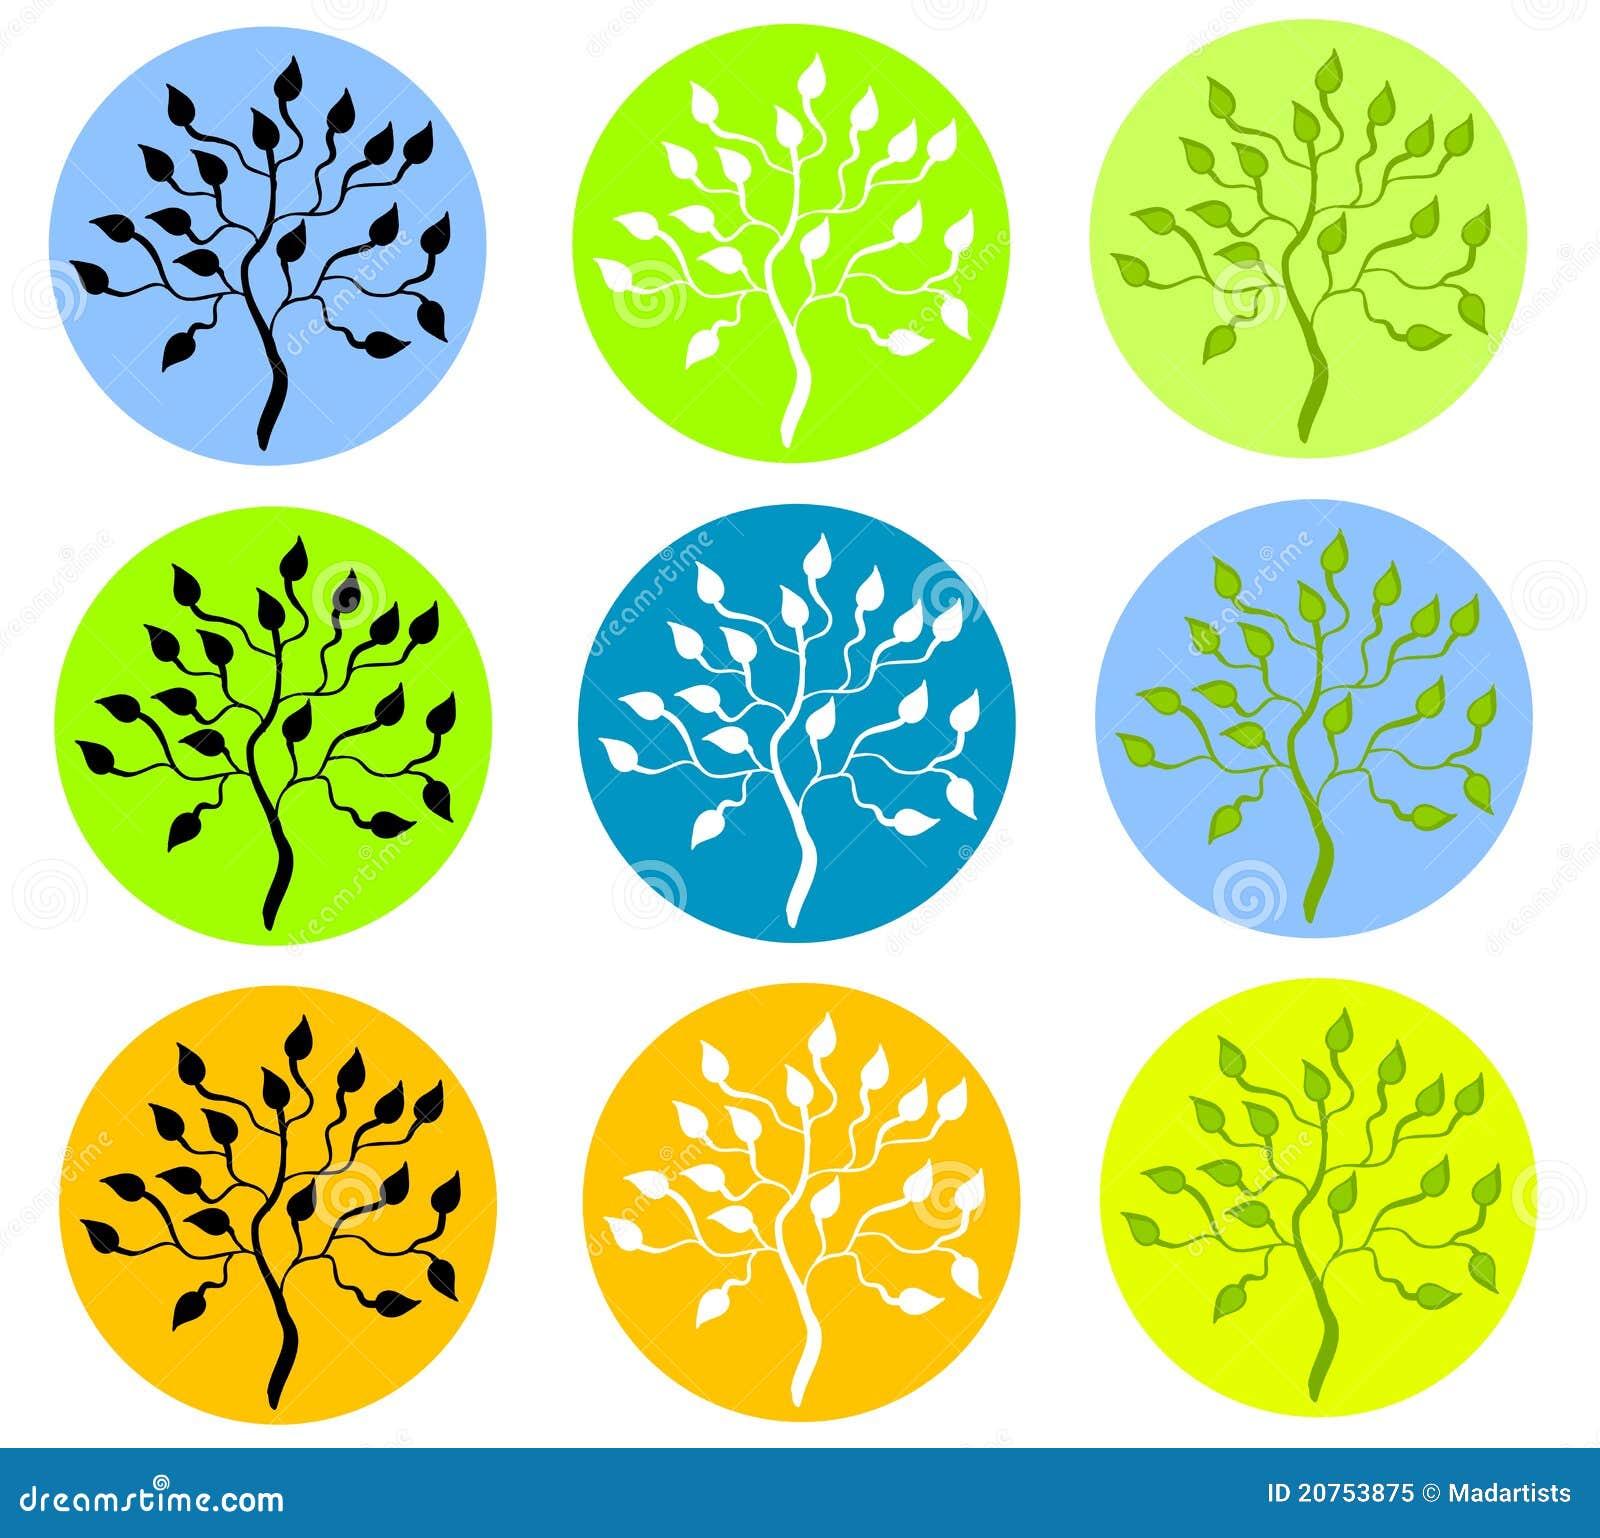 Baum-Schattenbilder